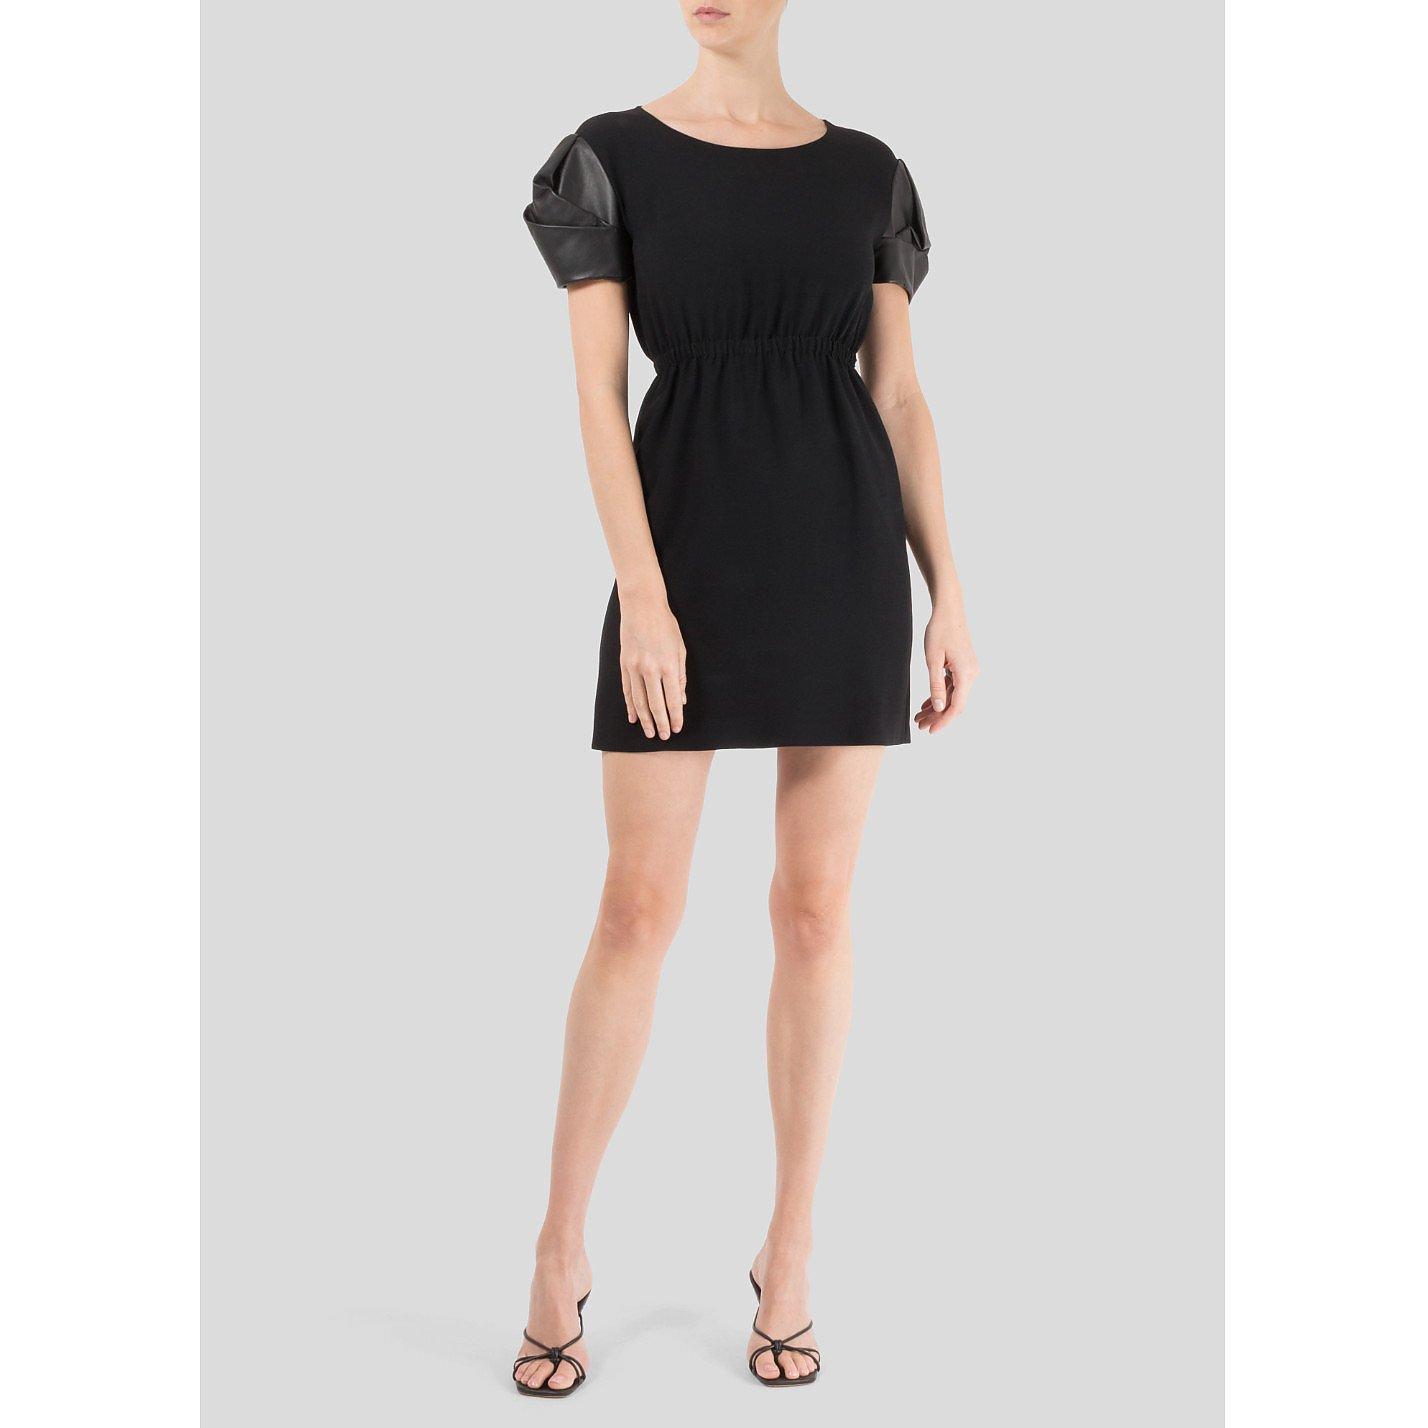 Miu Miu Contrast-Sleeve Mini Dress